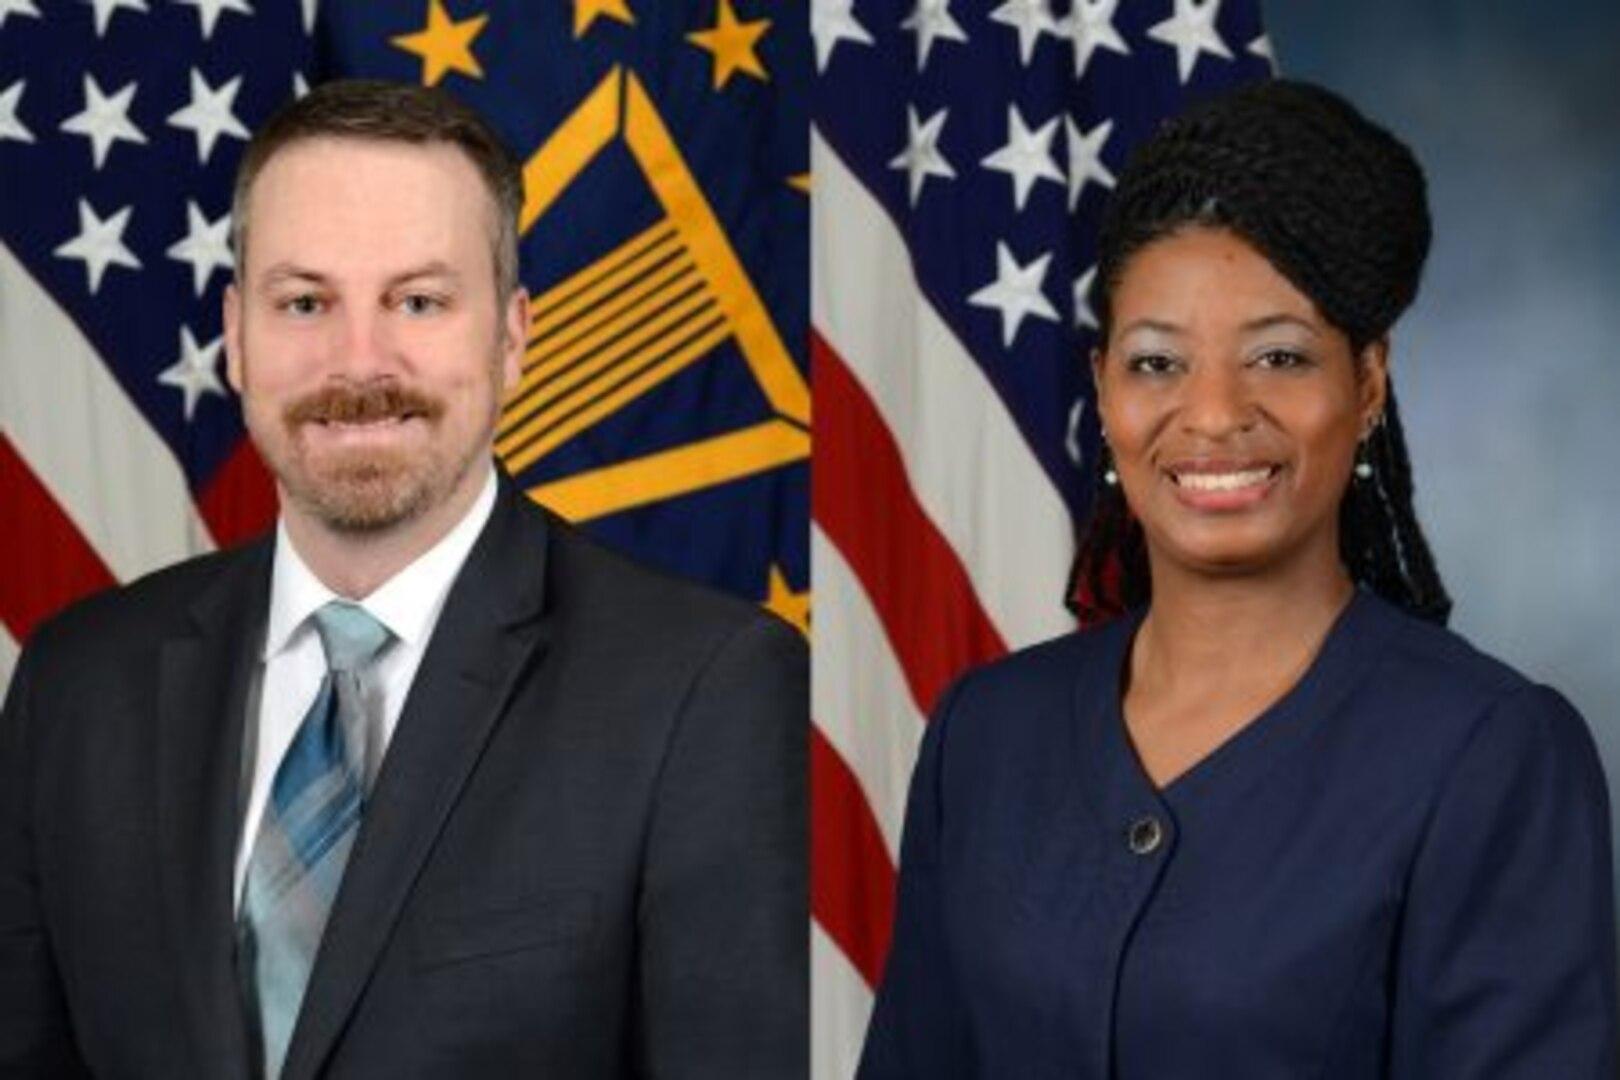 Mr. Ryan McDermott & Ms. Melinda Woods